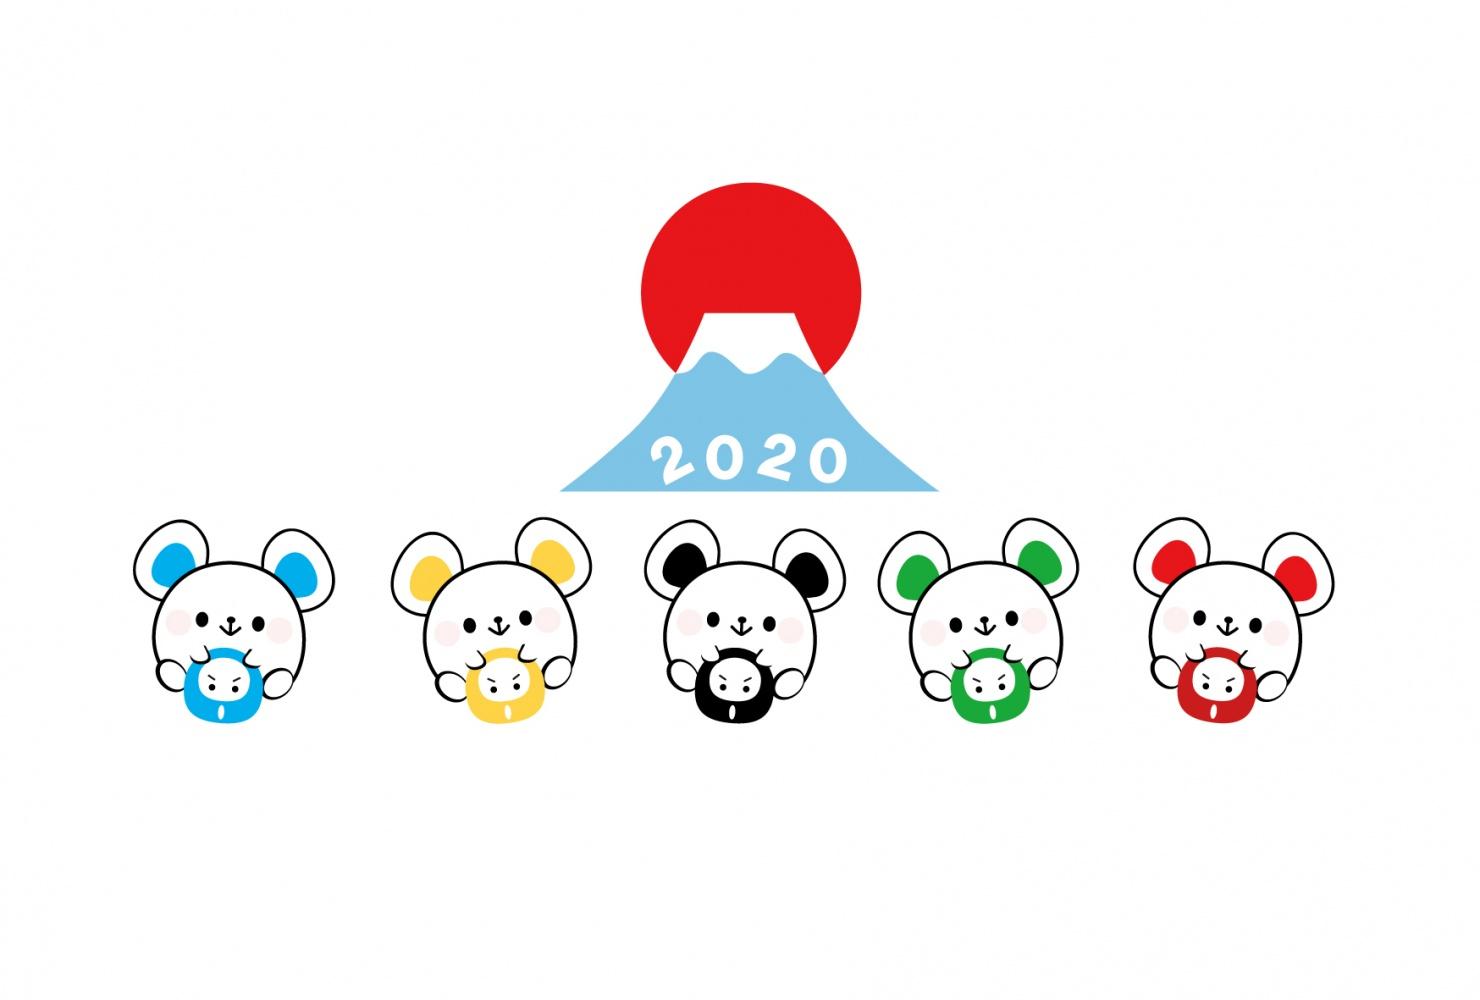 2020年子年ねずみと達磨オリンピック年年賀状素材